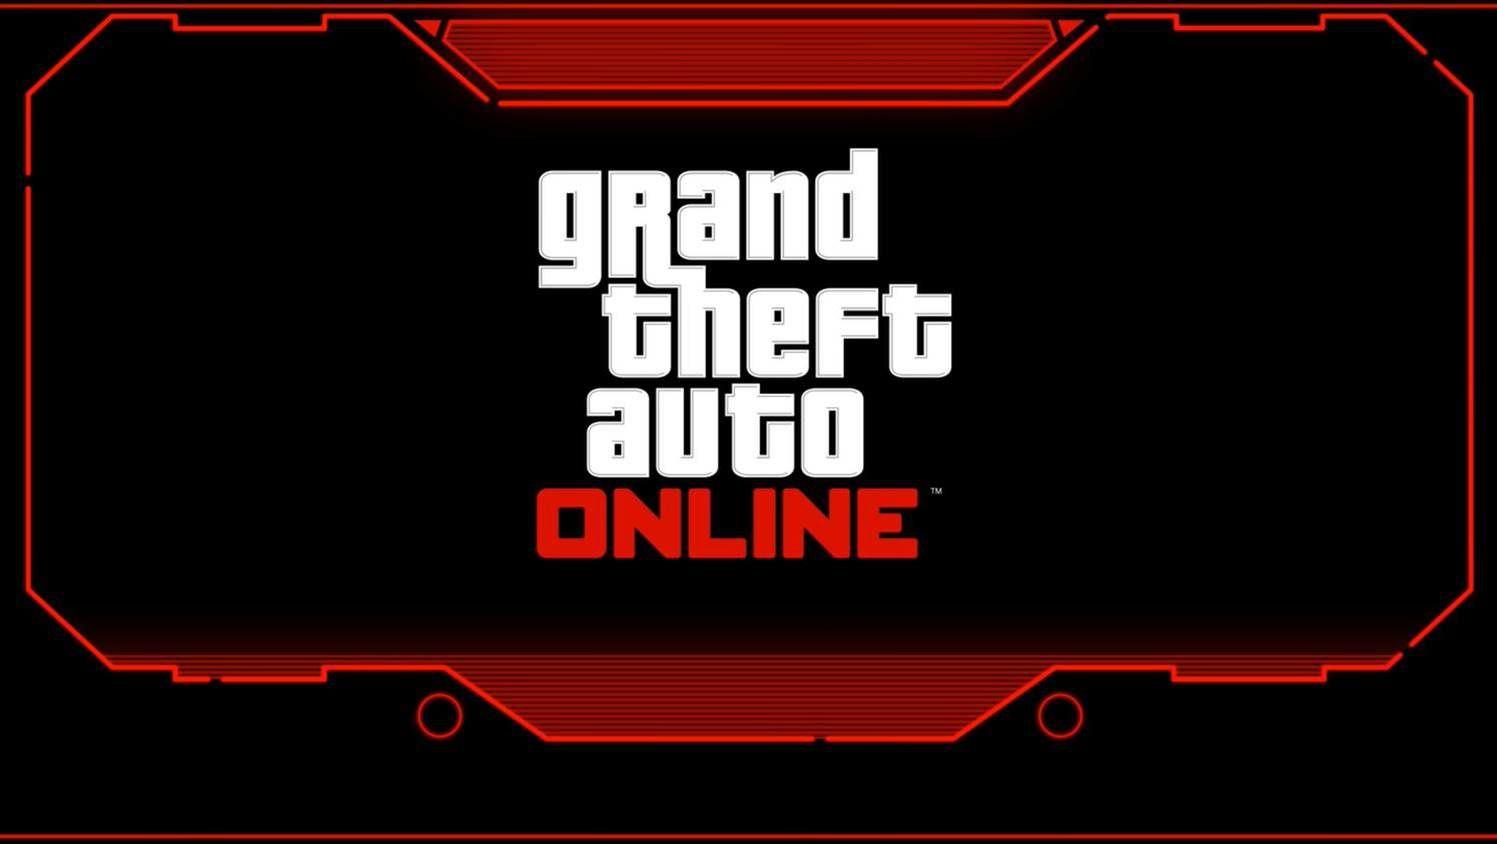 #Gaming #xboxOne #PS4 : CETTE SEMAINE DANS GTA ONLINE : GTA$ DOUBLÉS DANS LES ÉPREUVES BUNKER ET LE MODE PRISE D'OPPOSITION !